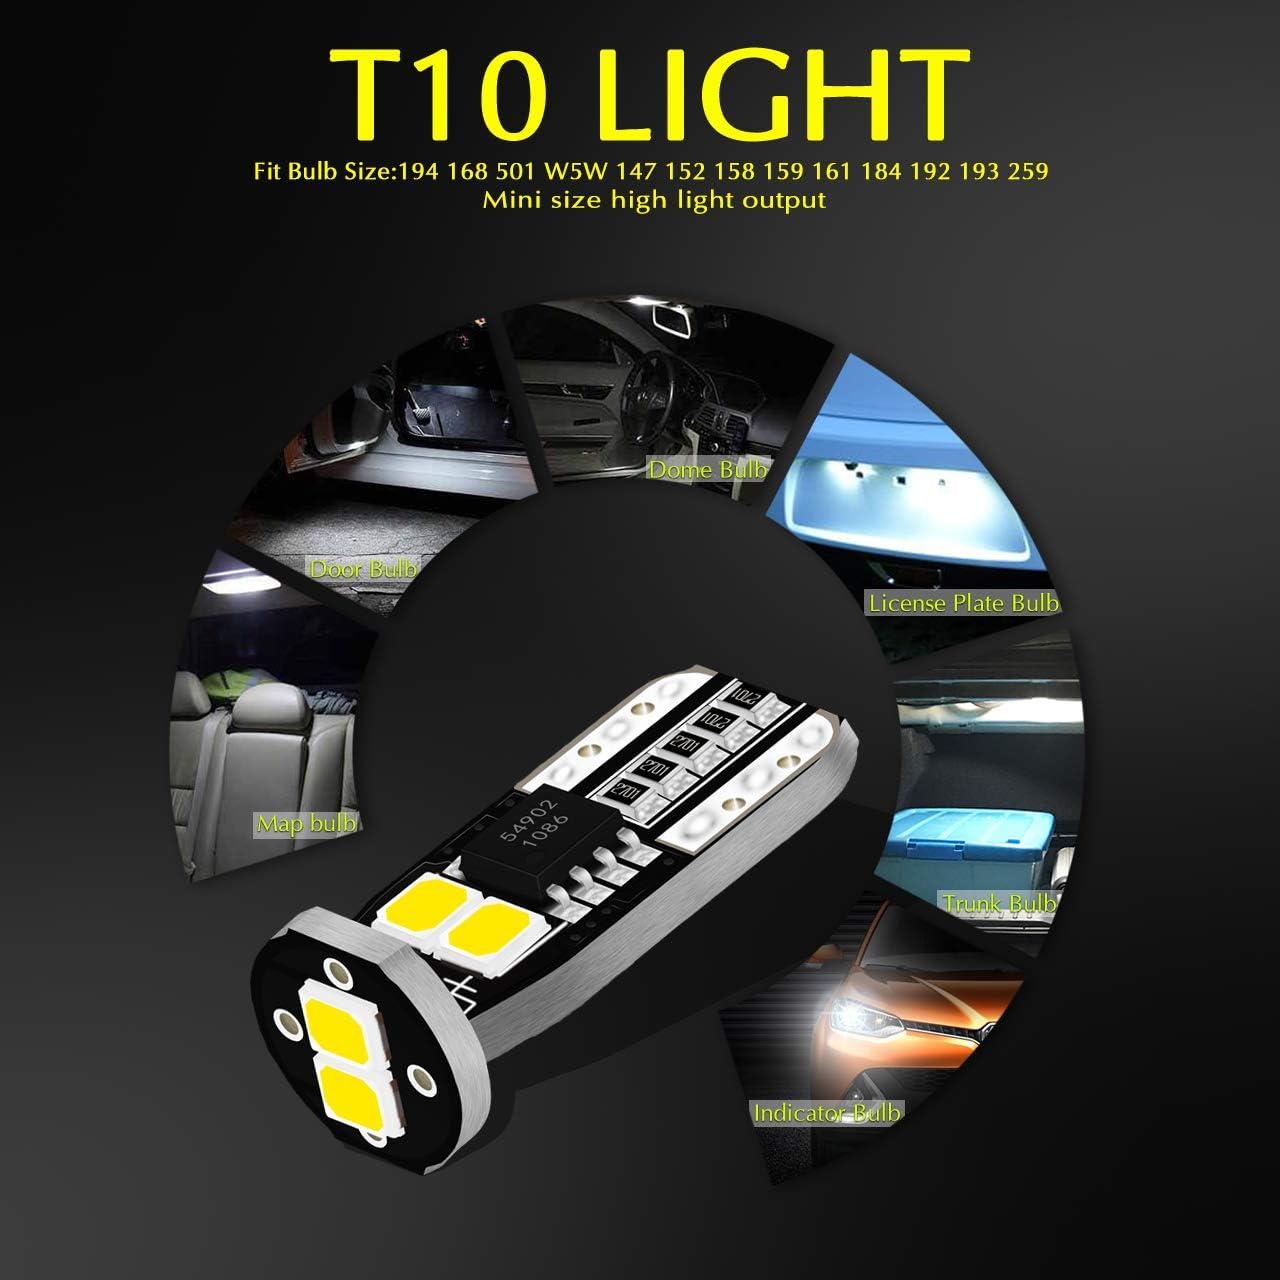 Pack de 4 KaTur 450 Lumens T10 CanBus LED Ampoules 3030 Jeu de puces 194 168 175 2825 Int/érieur de la Voiture D/ôme Carte Feu de Position lat/éral de la Plaque dimmatriculation Lumi/ères Blanc12V